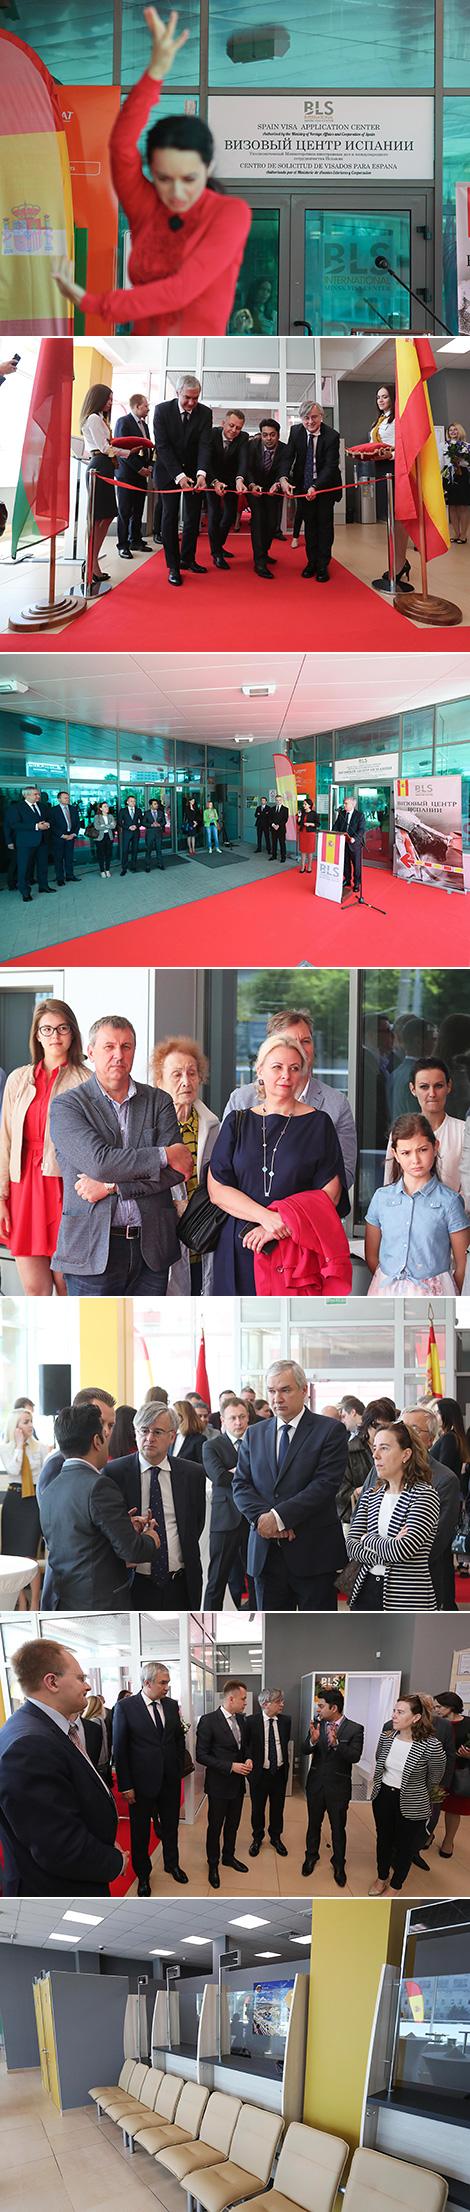 Spanish visa application center opens in Minsk